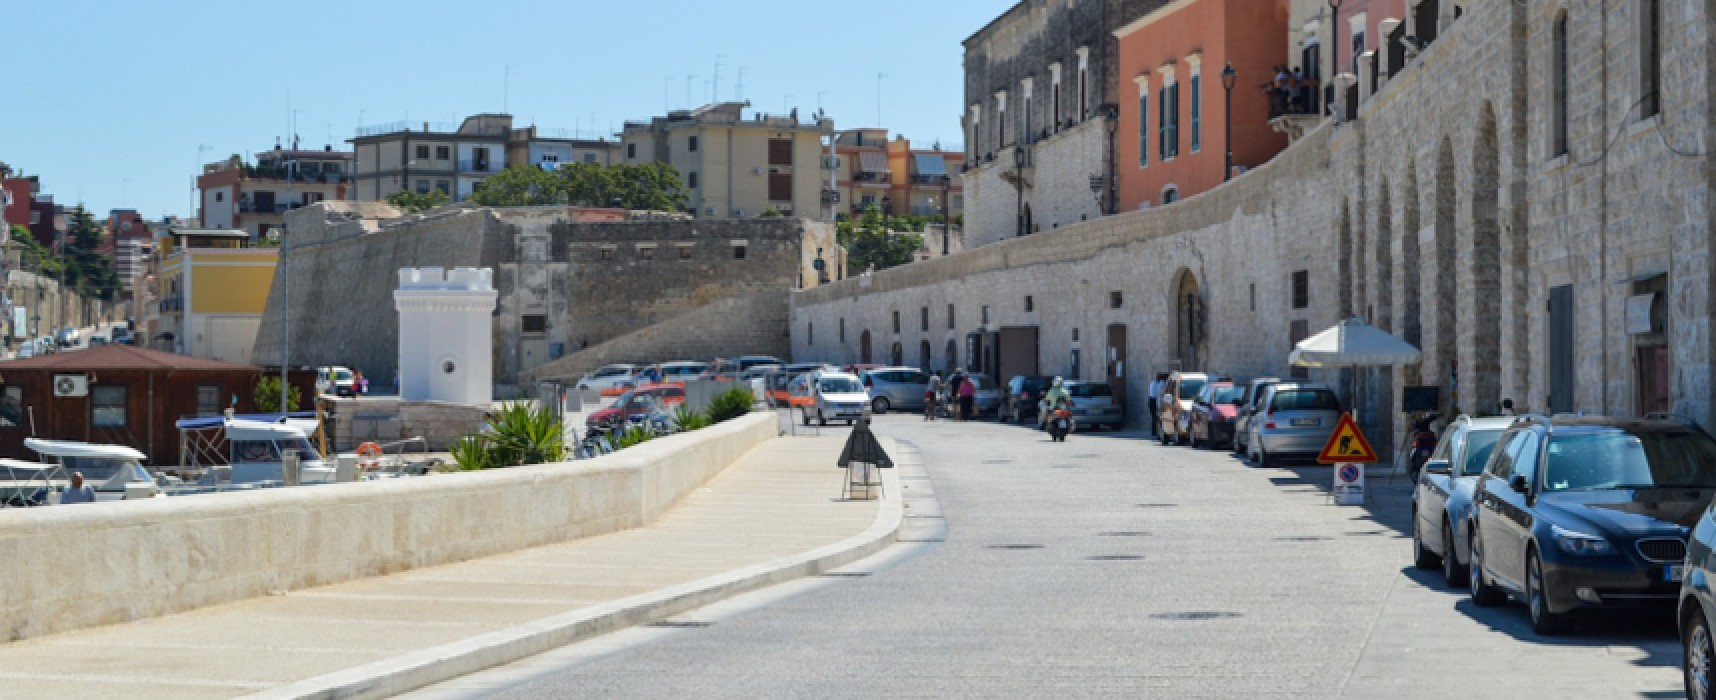 """Via Nazario Sauro chiude per inaugurazione waterfront, """"Estate in Ballo"""" e """"Sanremo Music awards"""""""